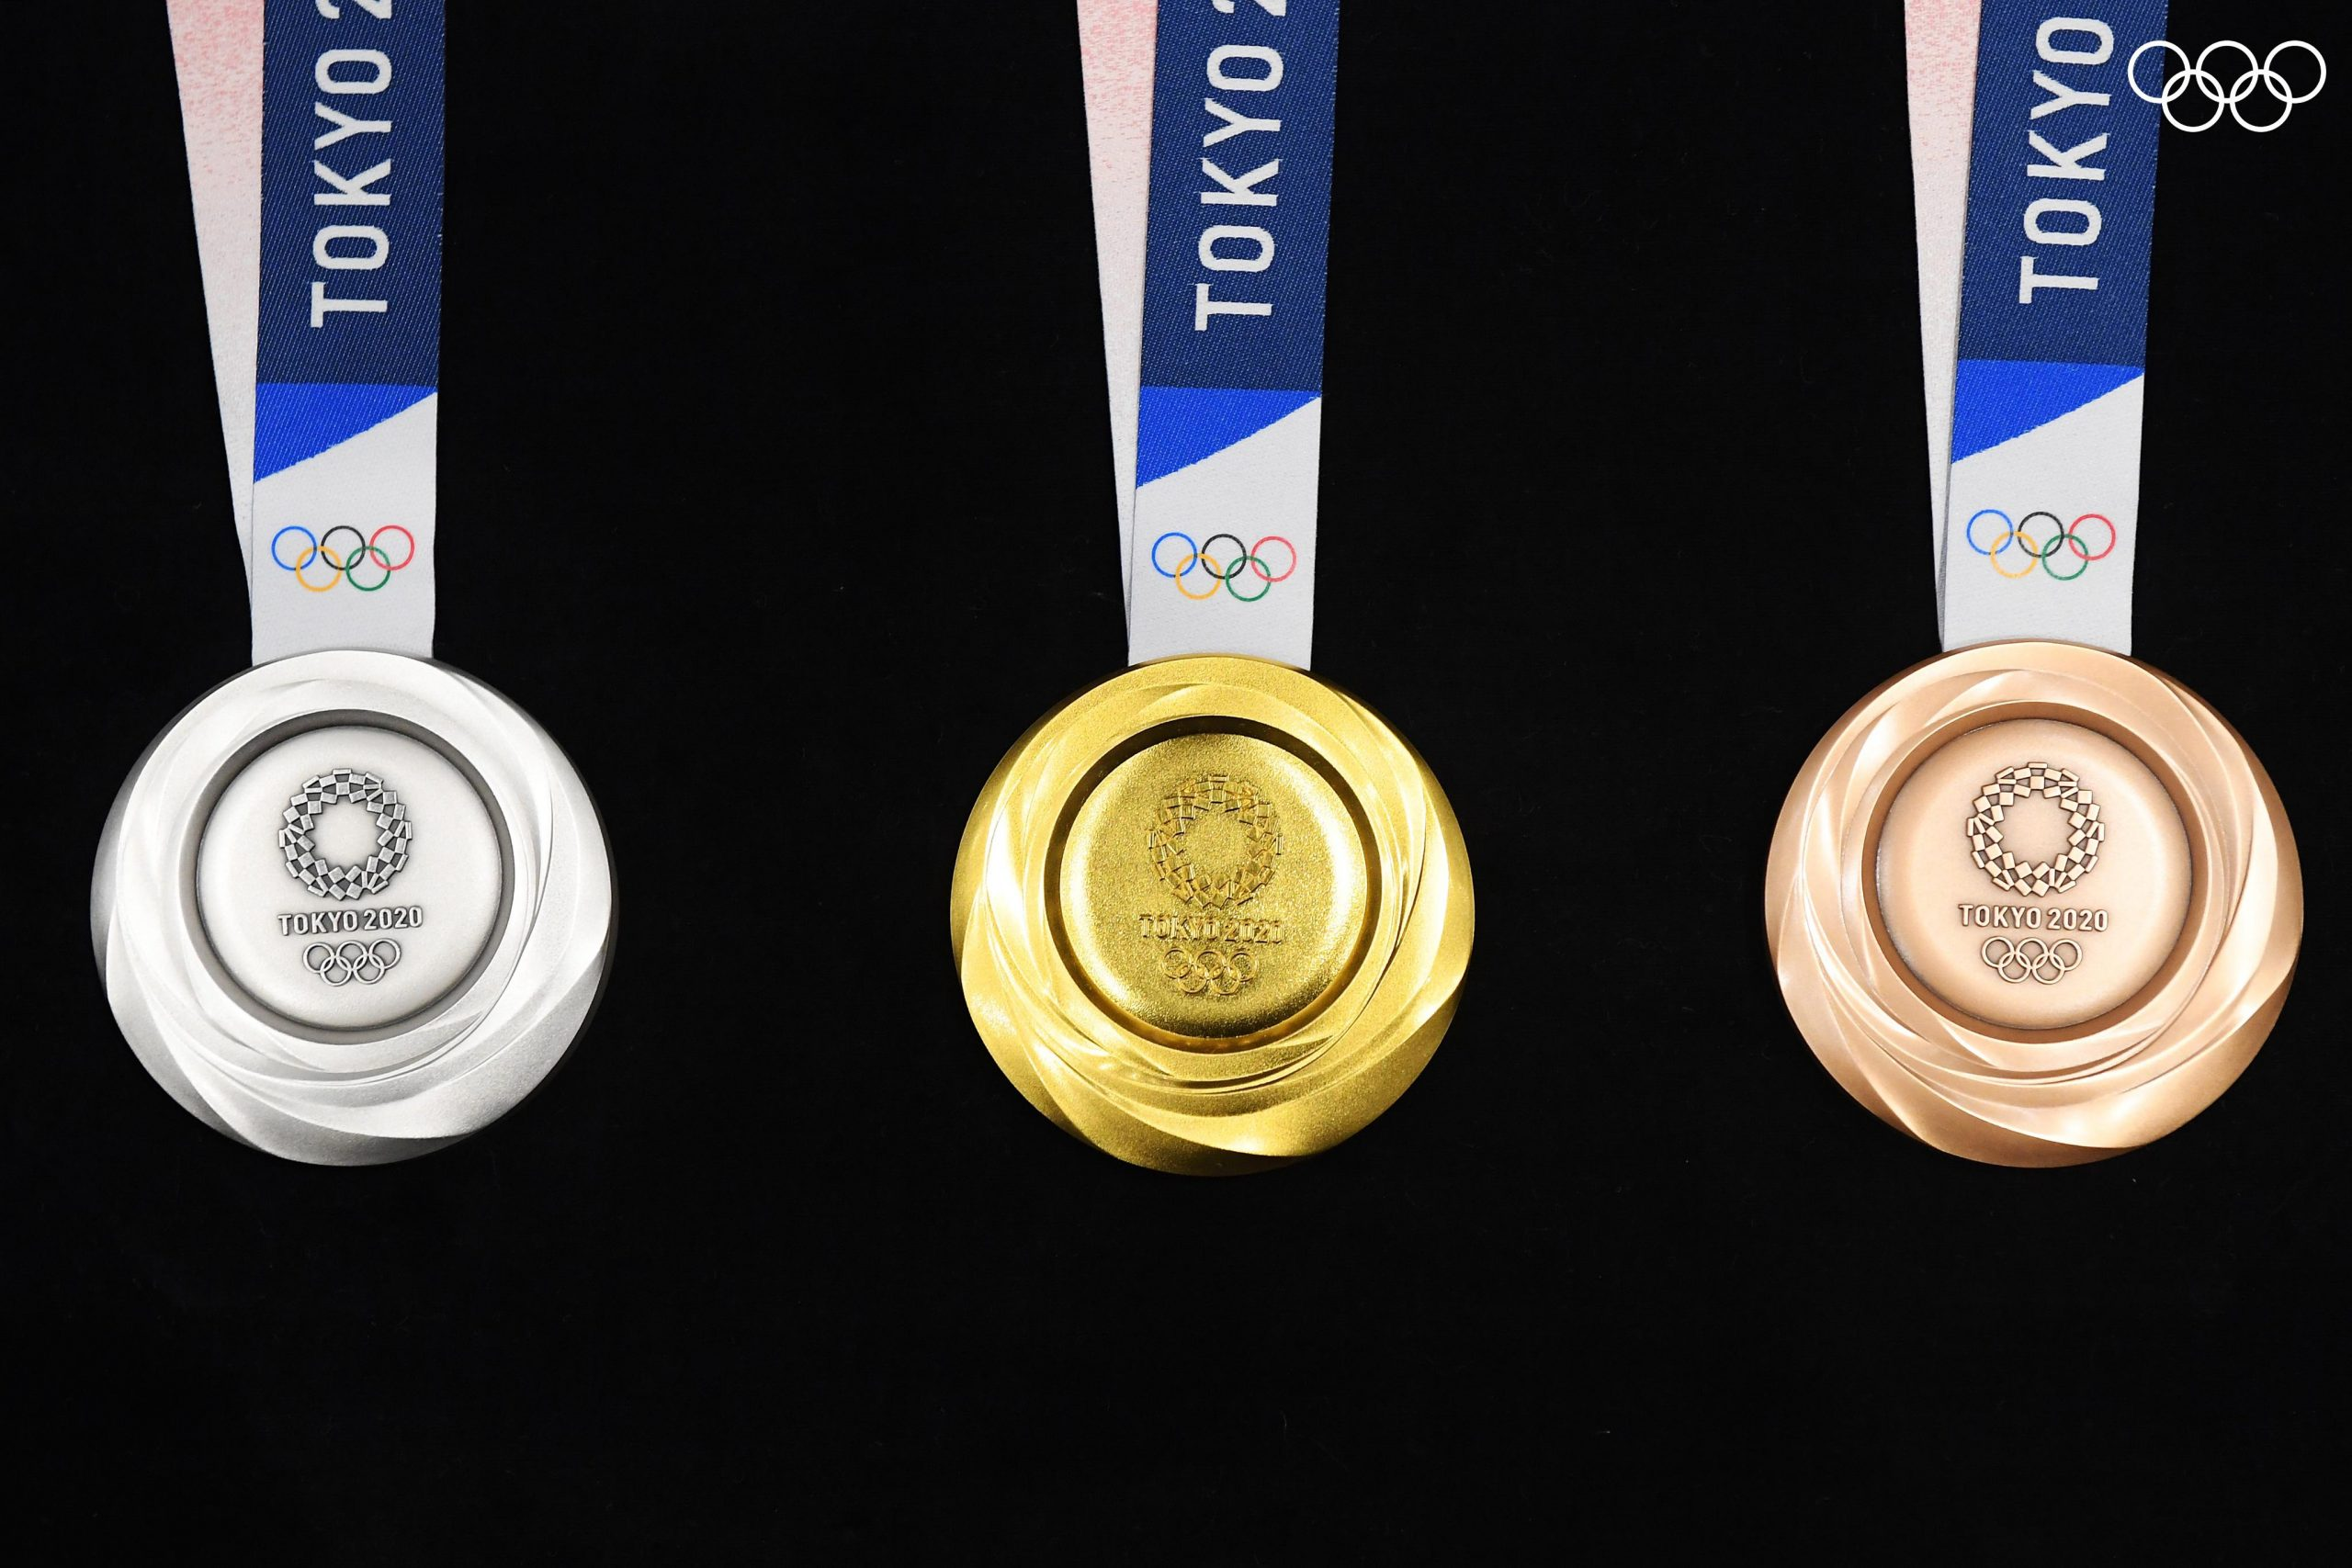 टोकियो ओलम्पिकमा प्रदान गर्ने मेडल सार्वजनिक